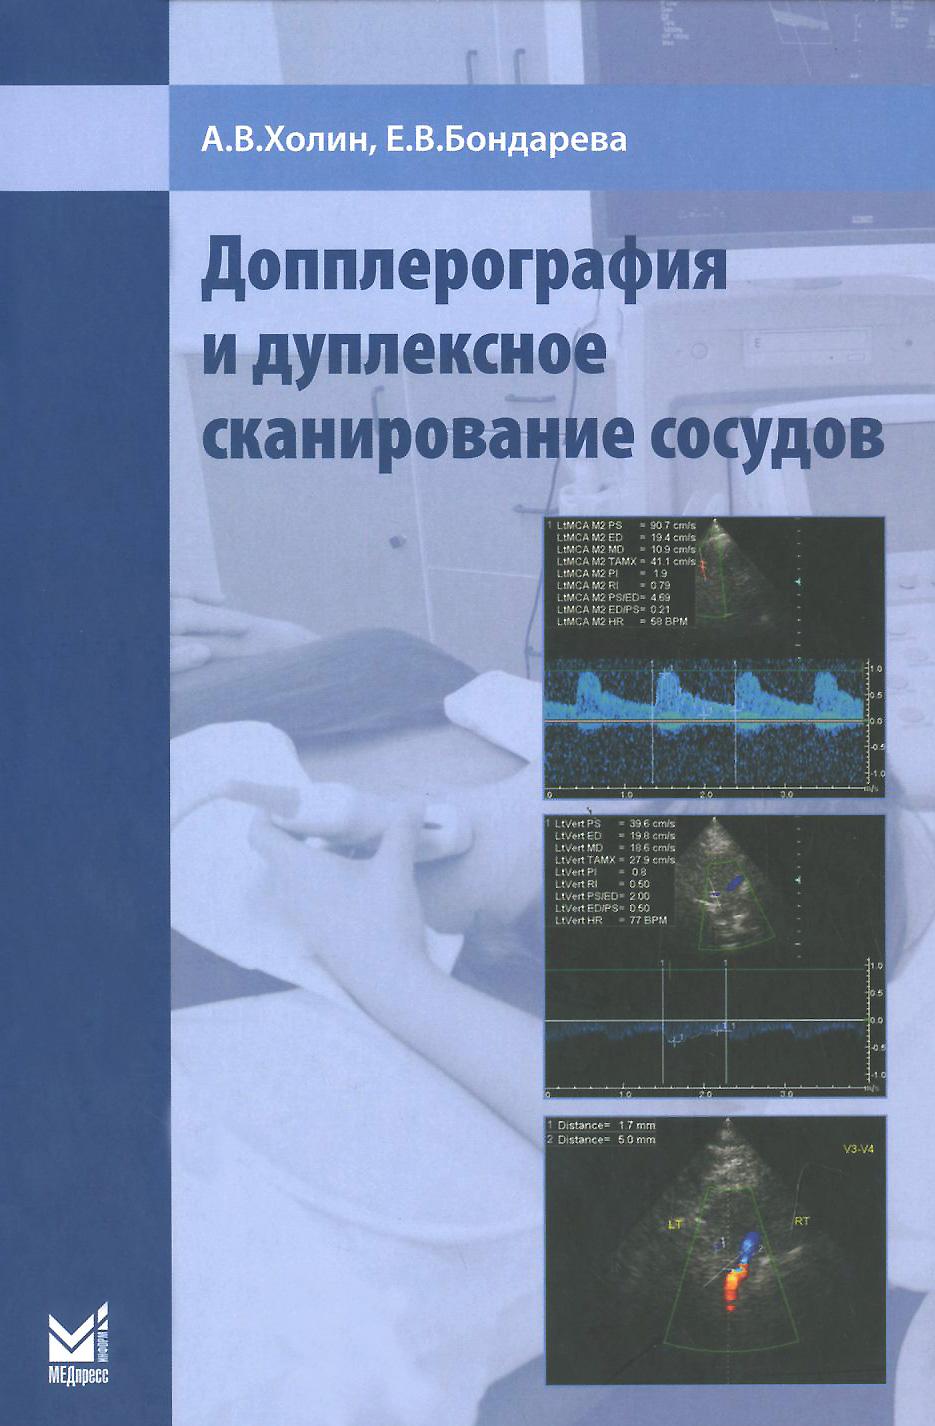 Допплерография и дуплексное сканирование сосудов